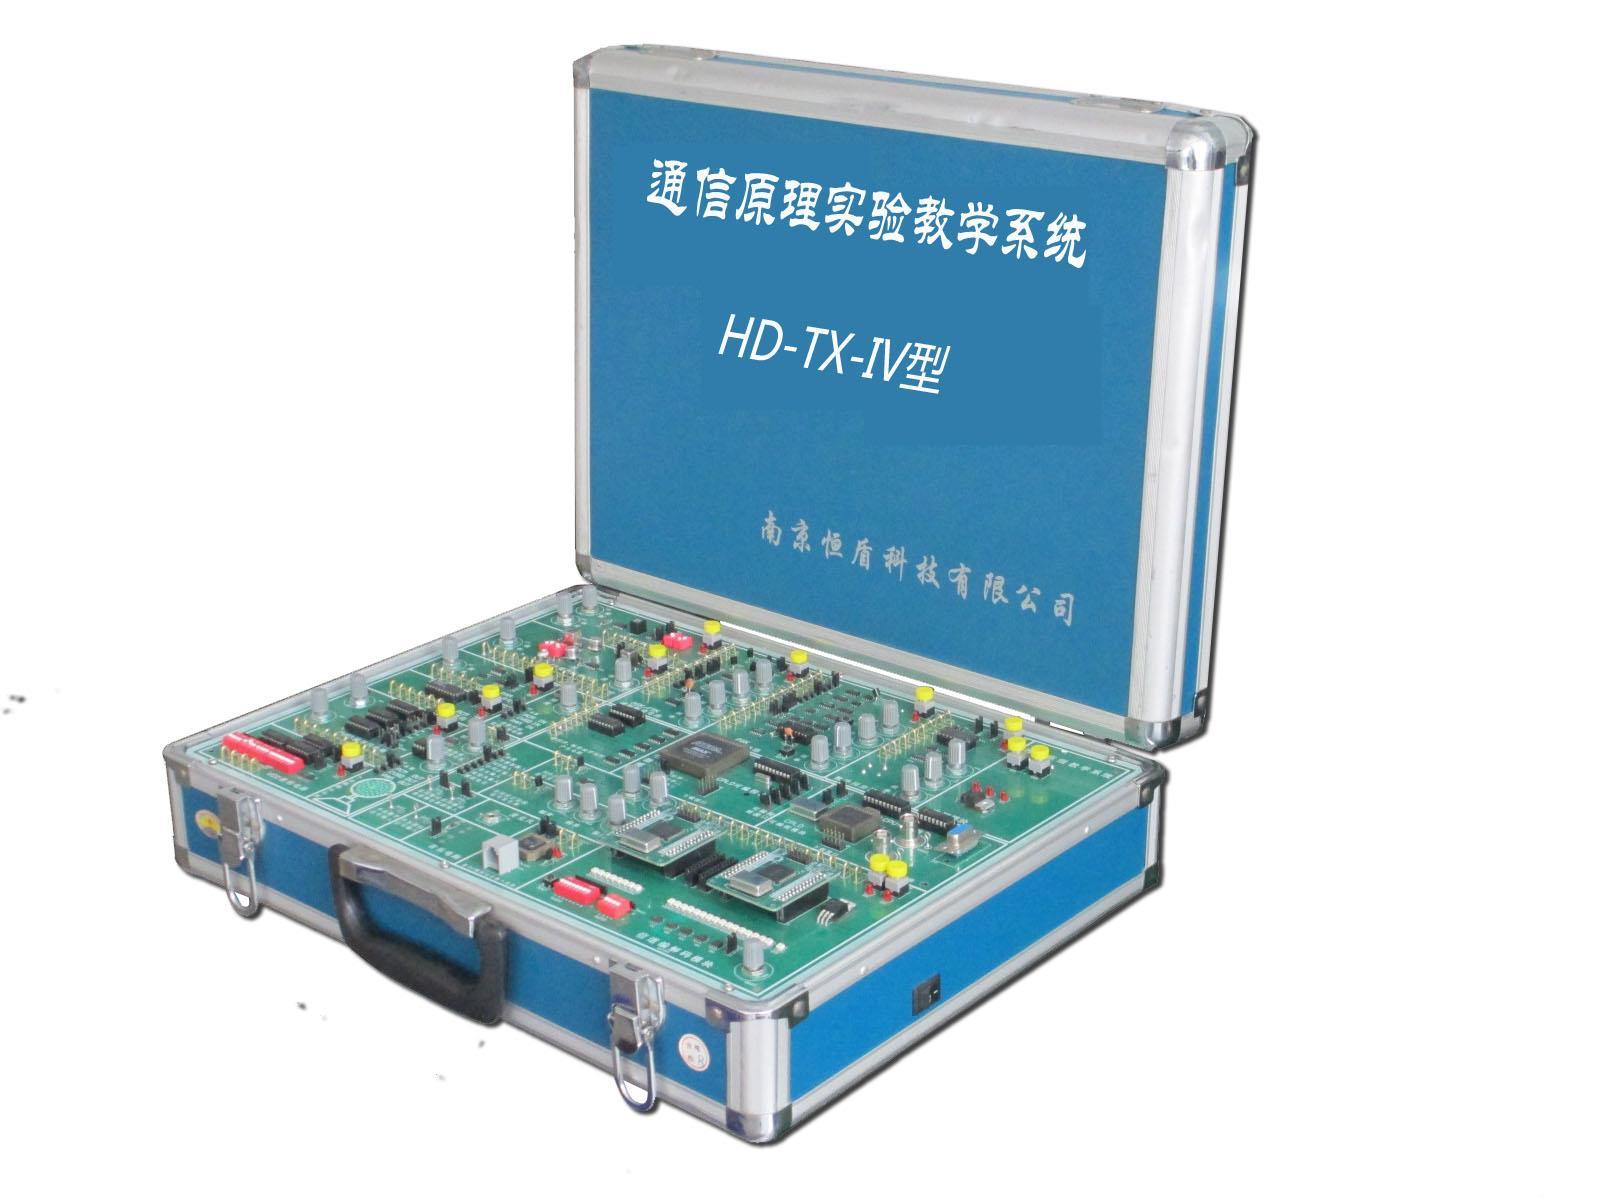 通信原理實驗箱HD-TX-IV型